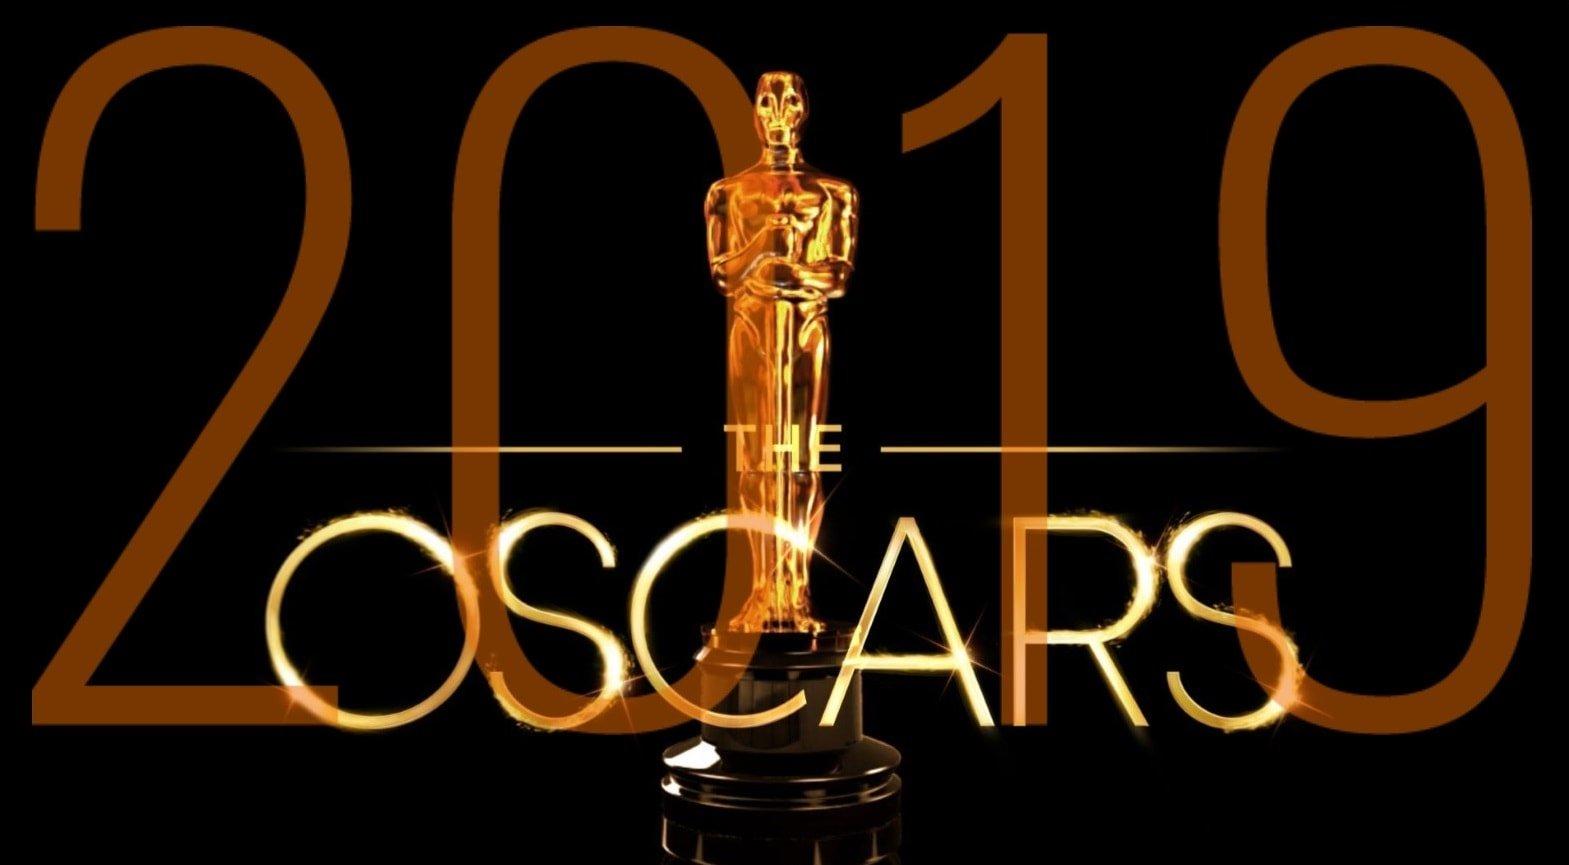 oscar 2019 will have no host Оскар 2019 пройдет без ведущего